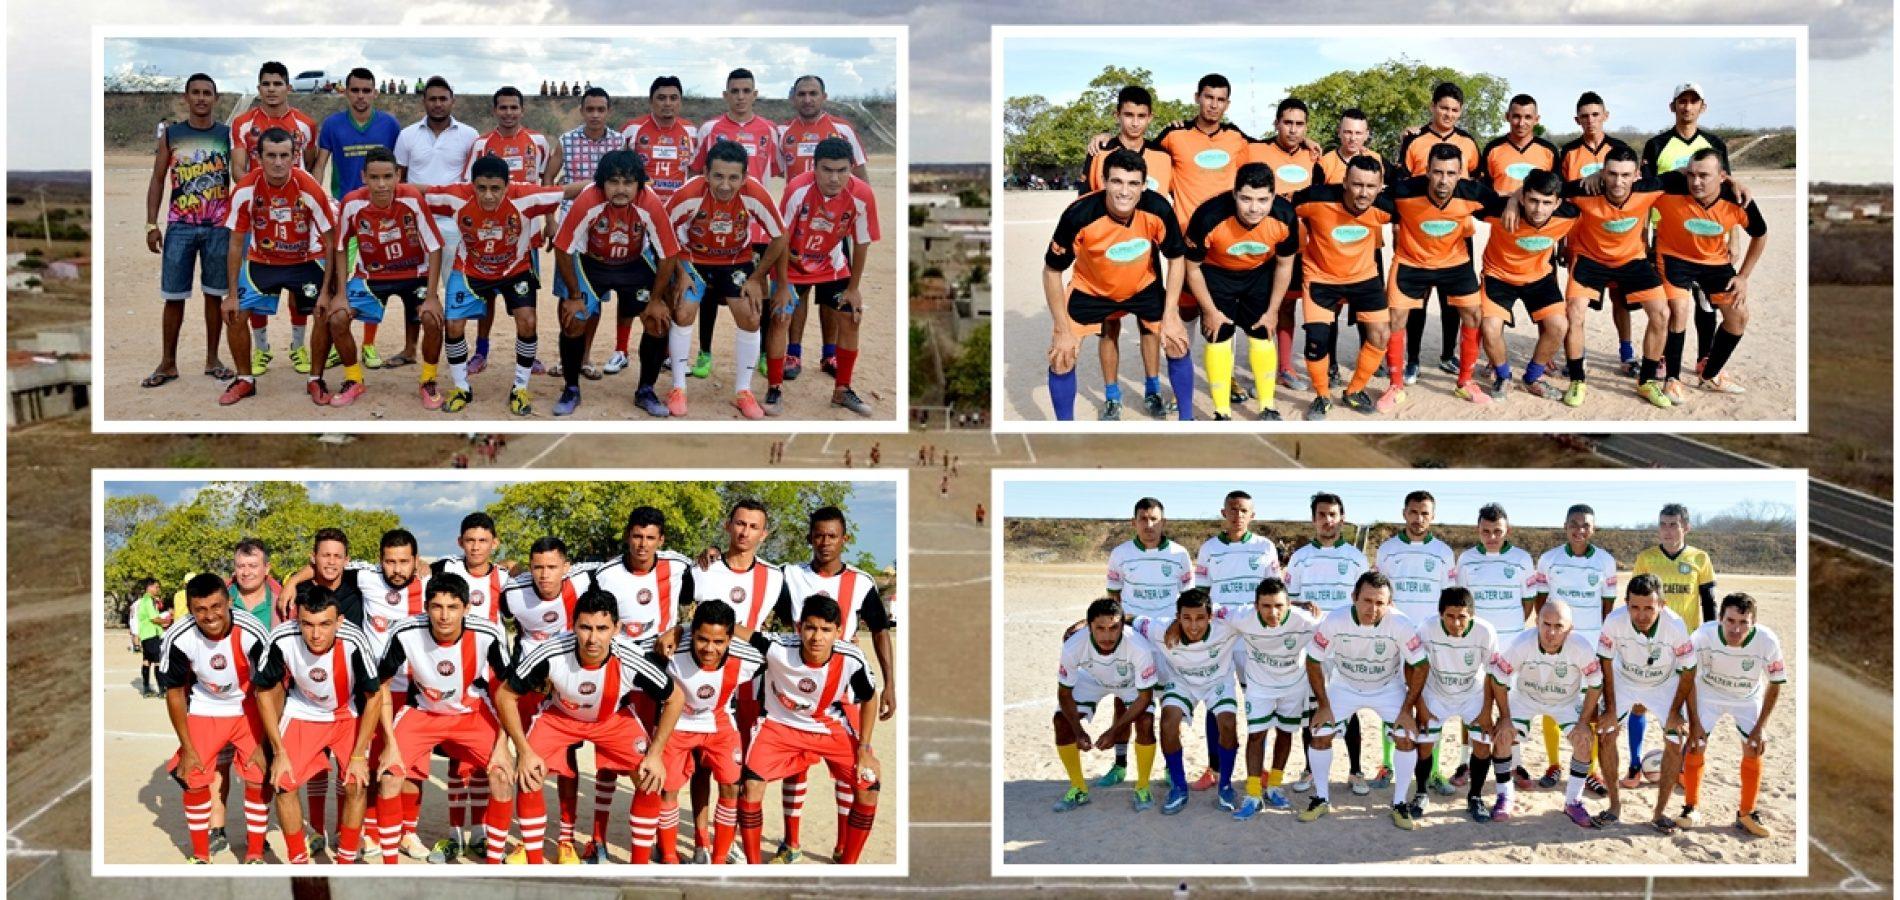 VILA NOVA| Definidos os semifinalistas do 18º Campeonato Municipal de Futebol